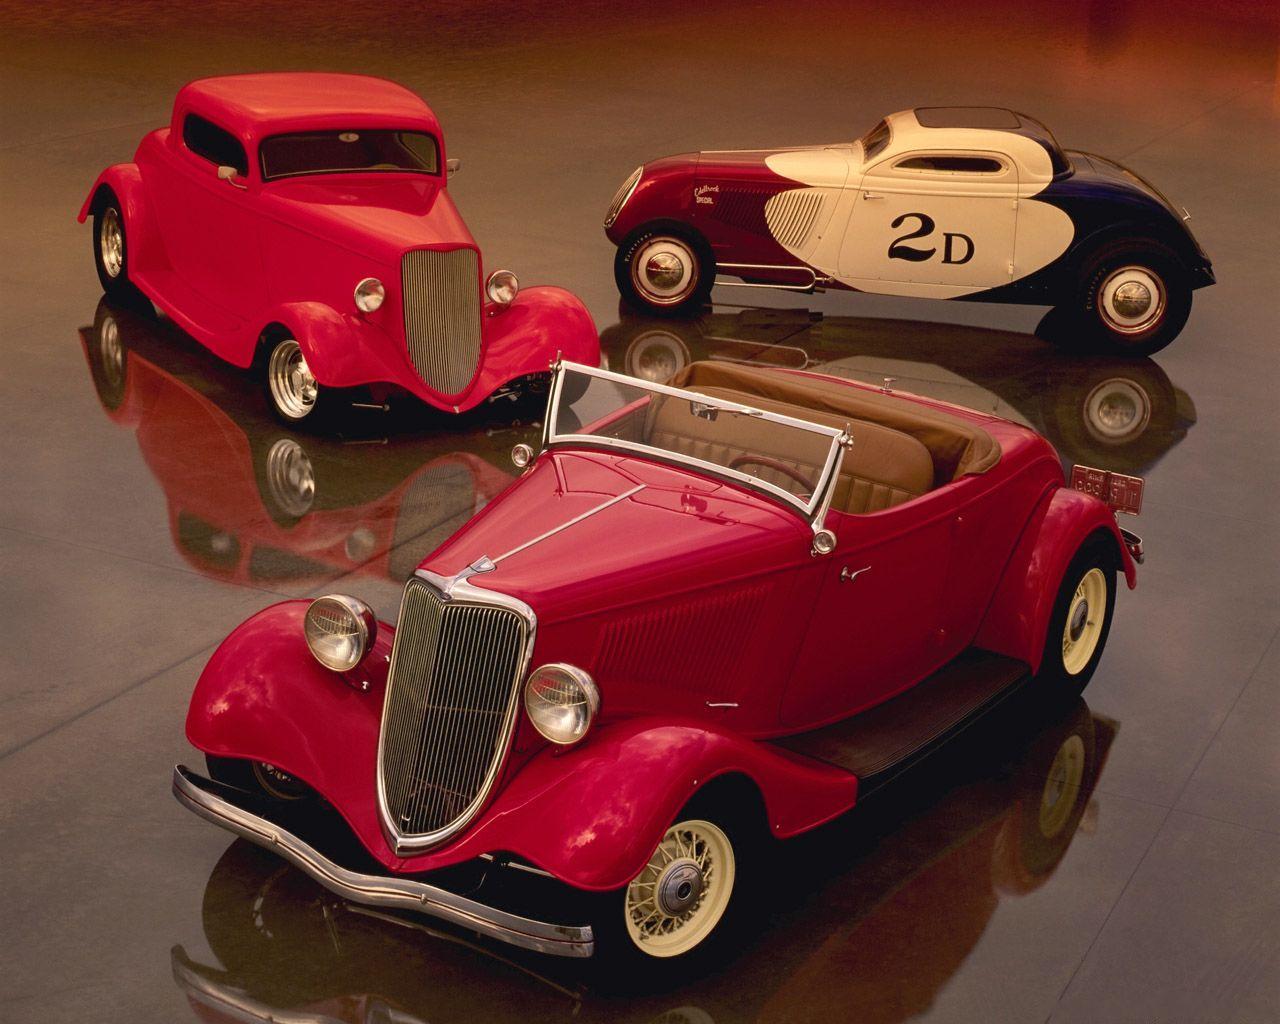 vintage model cars eBay